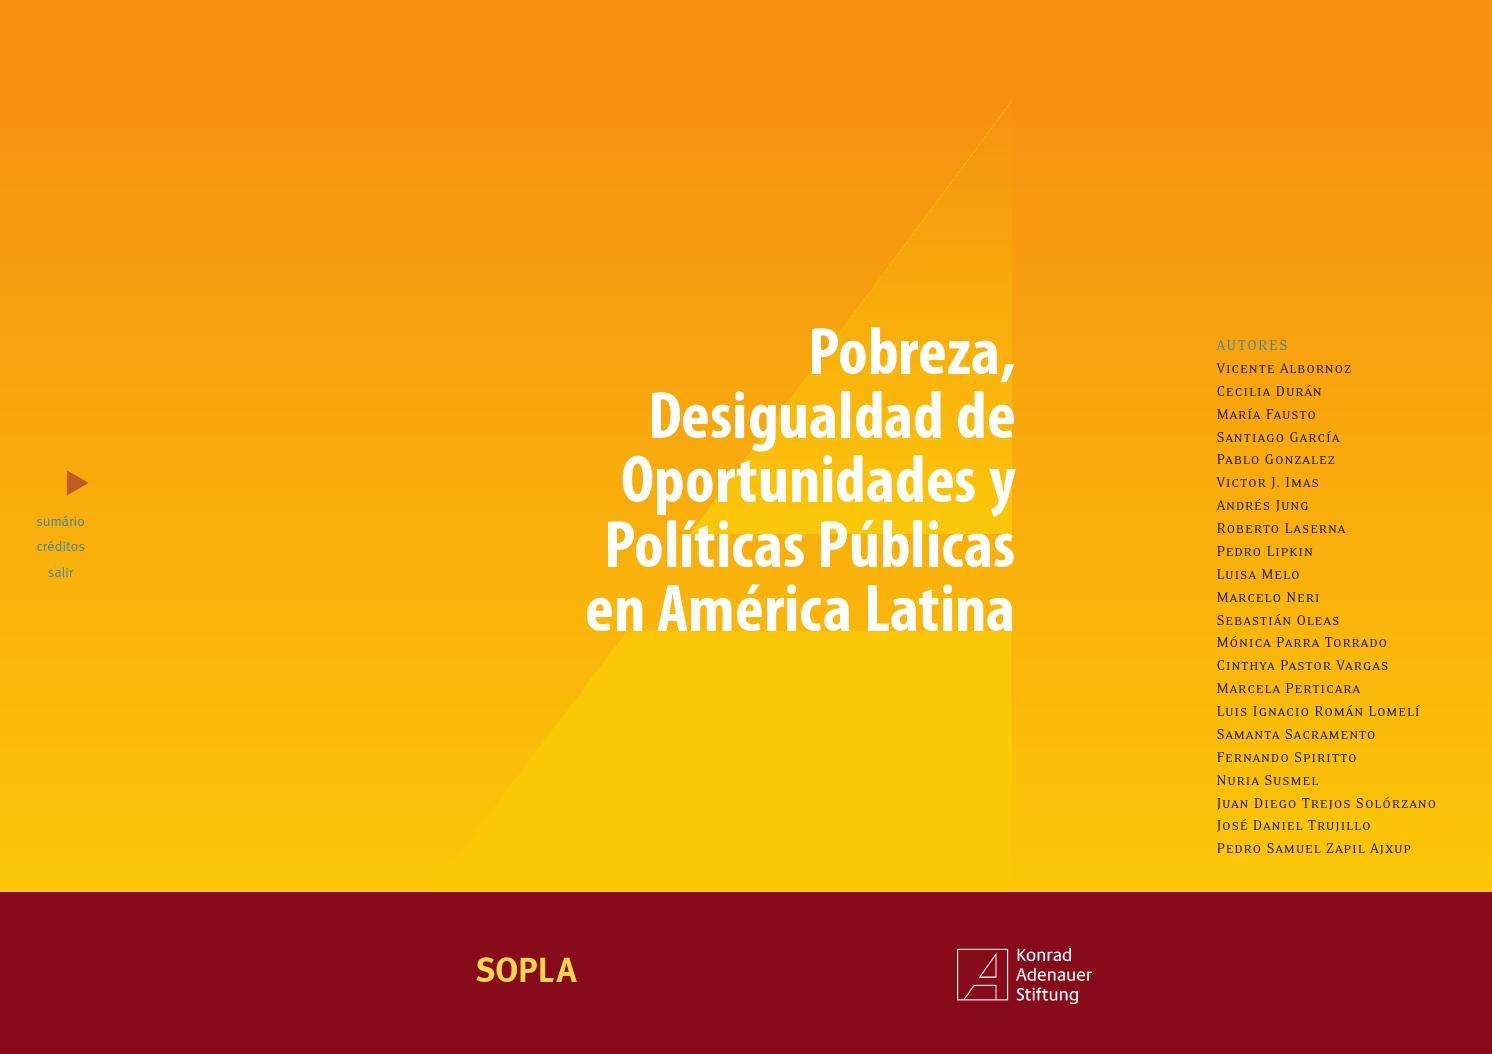 36b74db678f1 Pobreza, Desigualdad de Oportunidades y Políticos Públicas en América  Latina by Konrad Adenauer Stiftung Chile - issuu